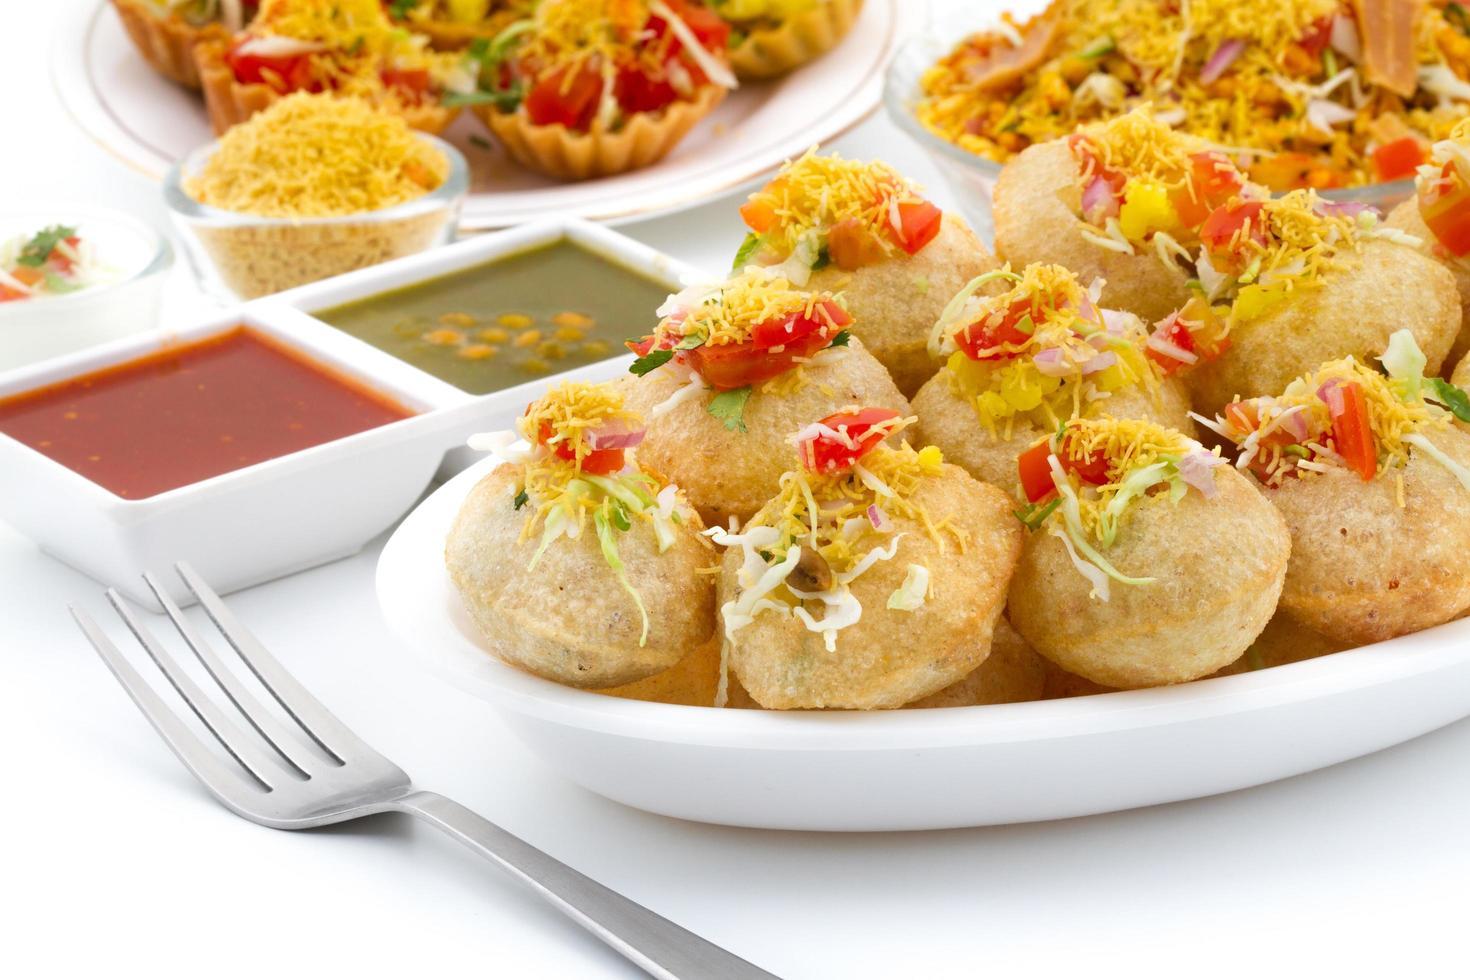 indisches traditionelles gesundes Essen sev puri foto